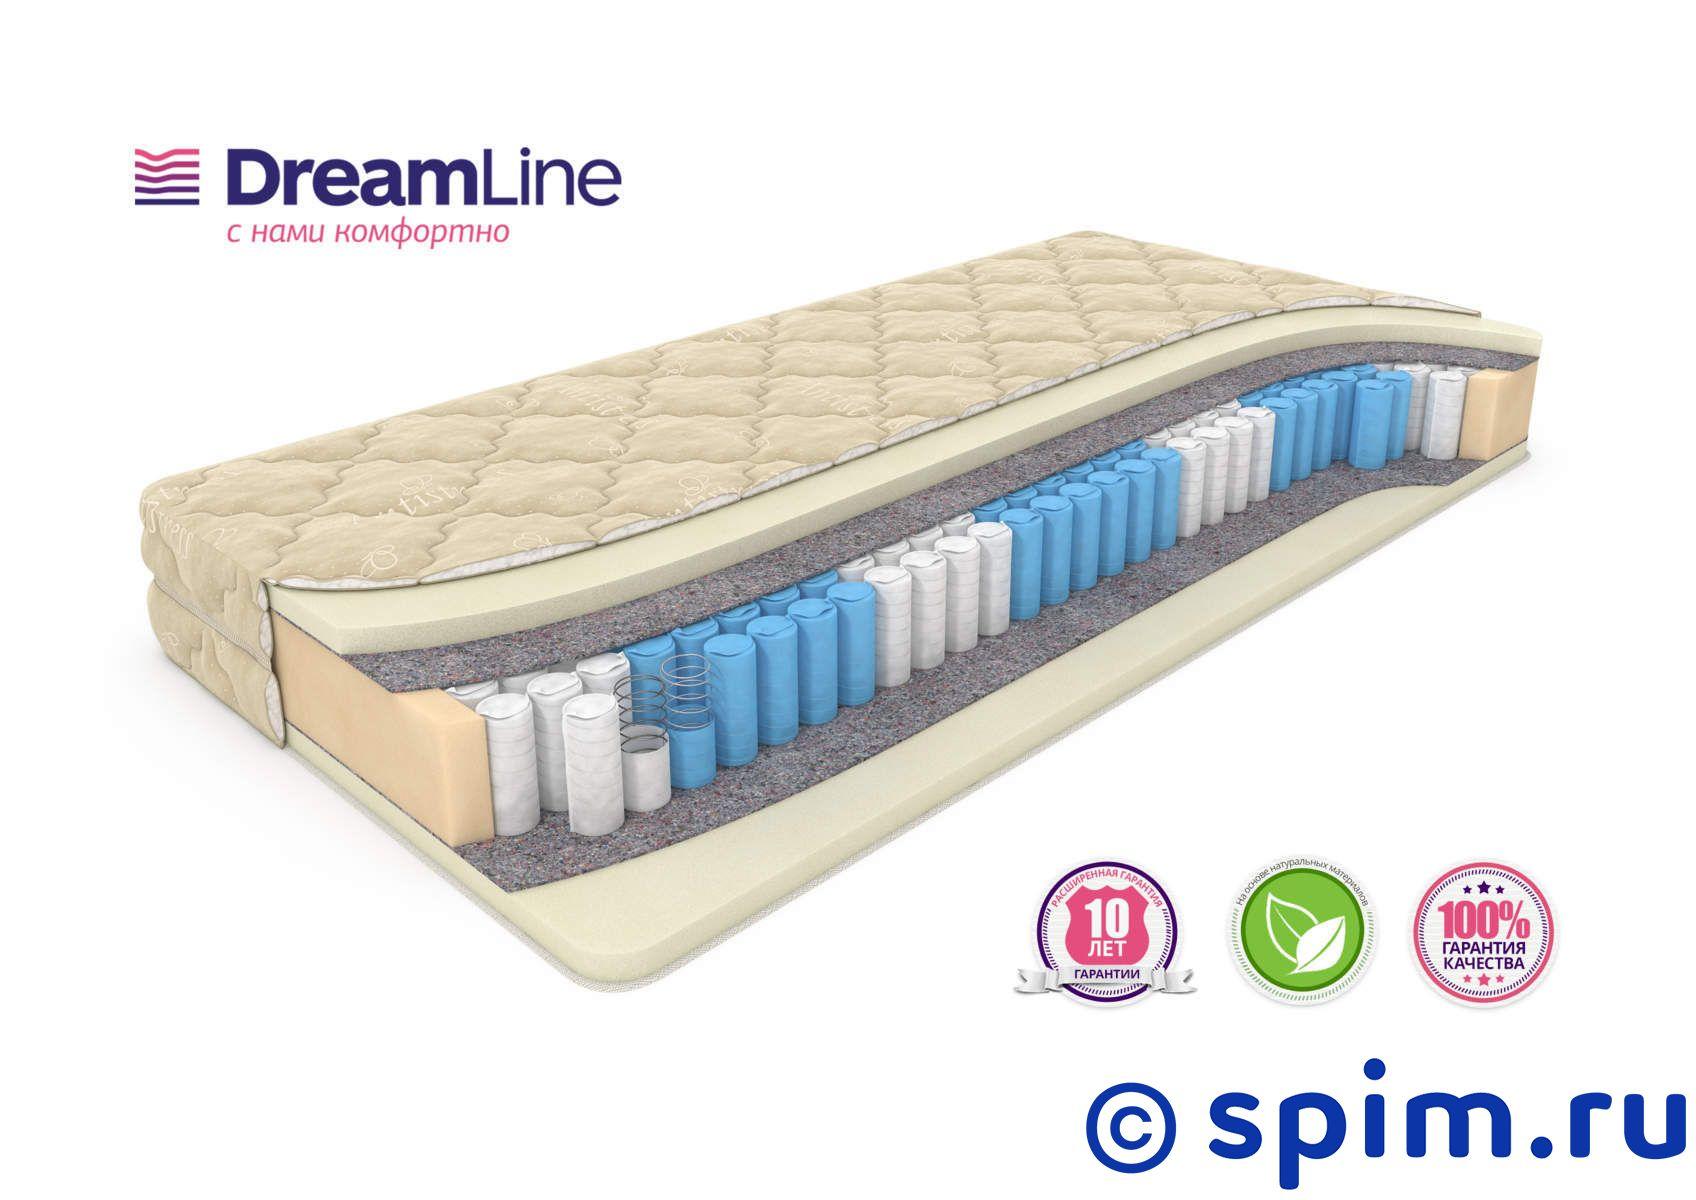 Матрас DreamLine Memory Latex Smart Zone 150х200 смМатрасы DreamLine Smart Zone<br>Мягкий матрас на 5-тизонном блоке Sz (250 шт/м2), с прослойками ячеистого Memory Latex. Несъемный чехол из трикотажа. Высота: 23 см. Нагрузка: до 150 кг. Размер ДримЛайн Мемори Латекс Смарт Зоне двуспальный: 150 x 200 см<br><br>Ширина см: 150<br>Длина см: 200<br>Линейка: Smart